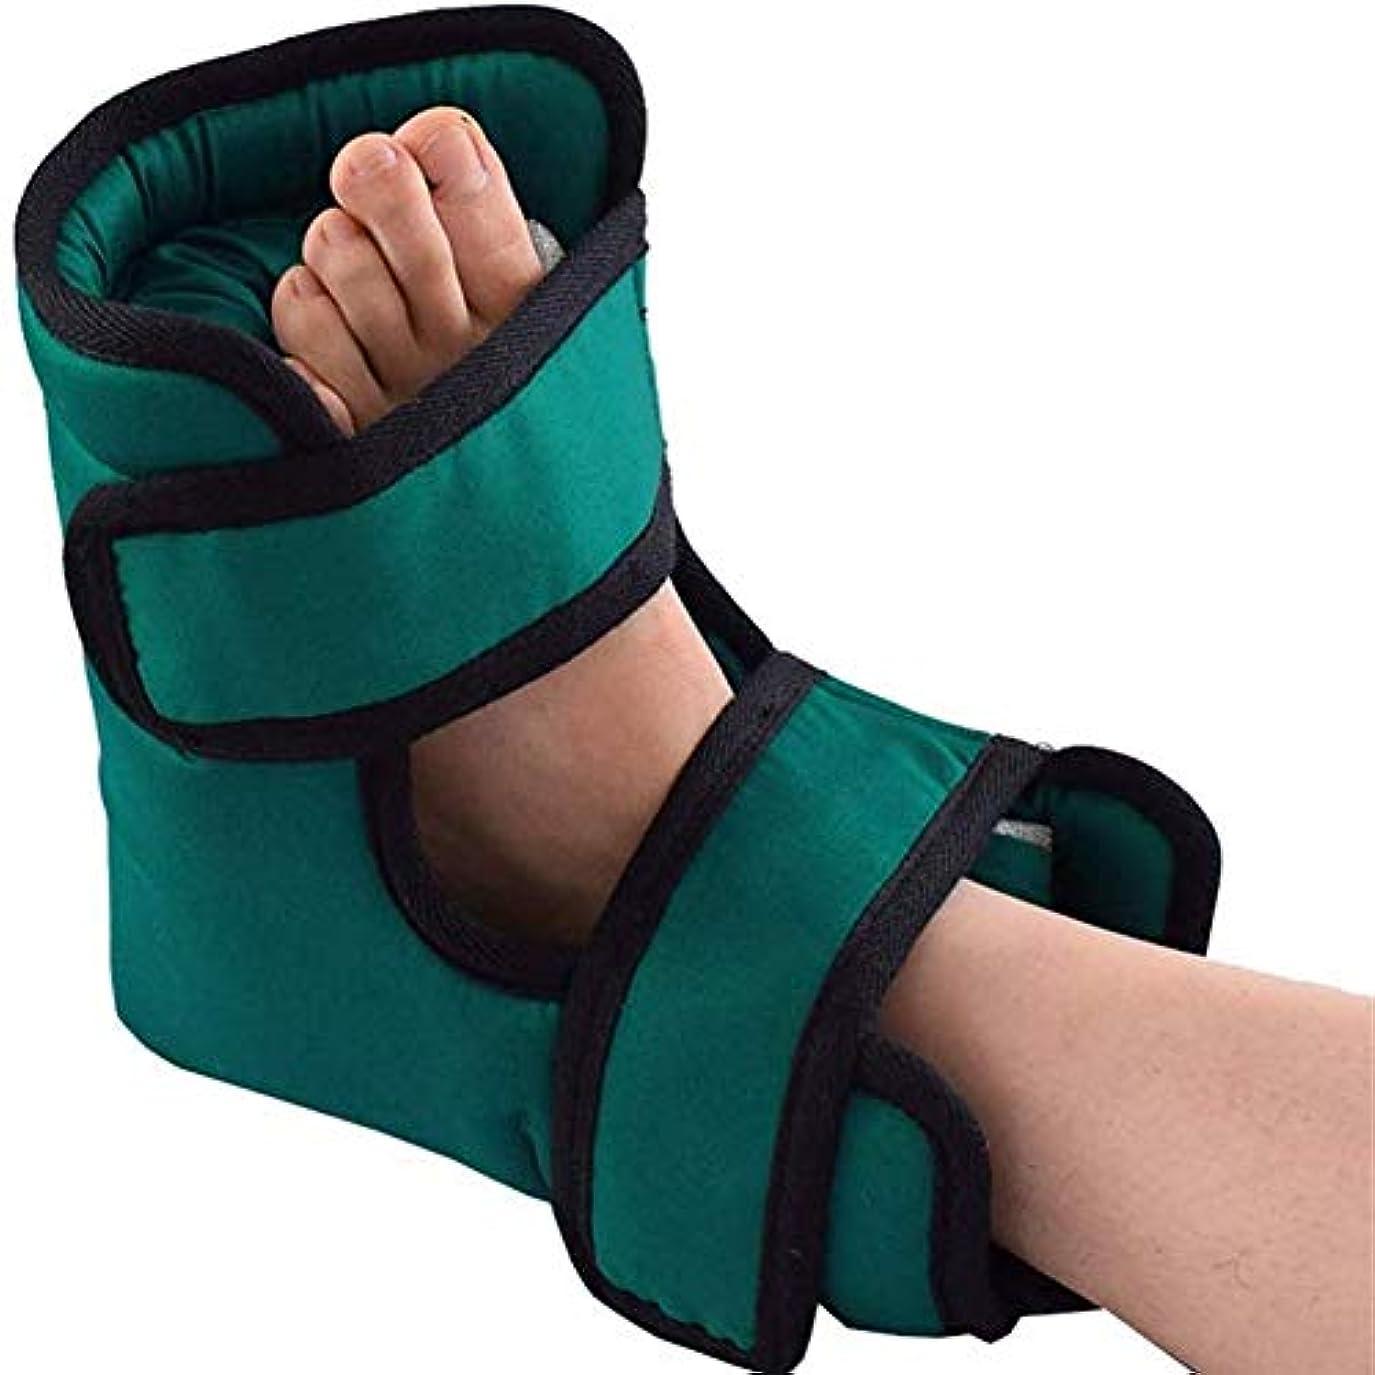 愛情コンチネンタル楽観的ヒールクッションプロテクター - 足と足首の枕 - ヒール保護ガード - 足、肘、かかと - ベッド&褥瘡を保護します,2pc